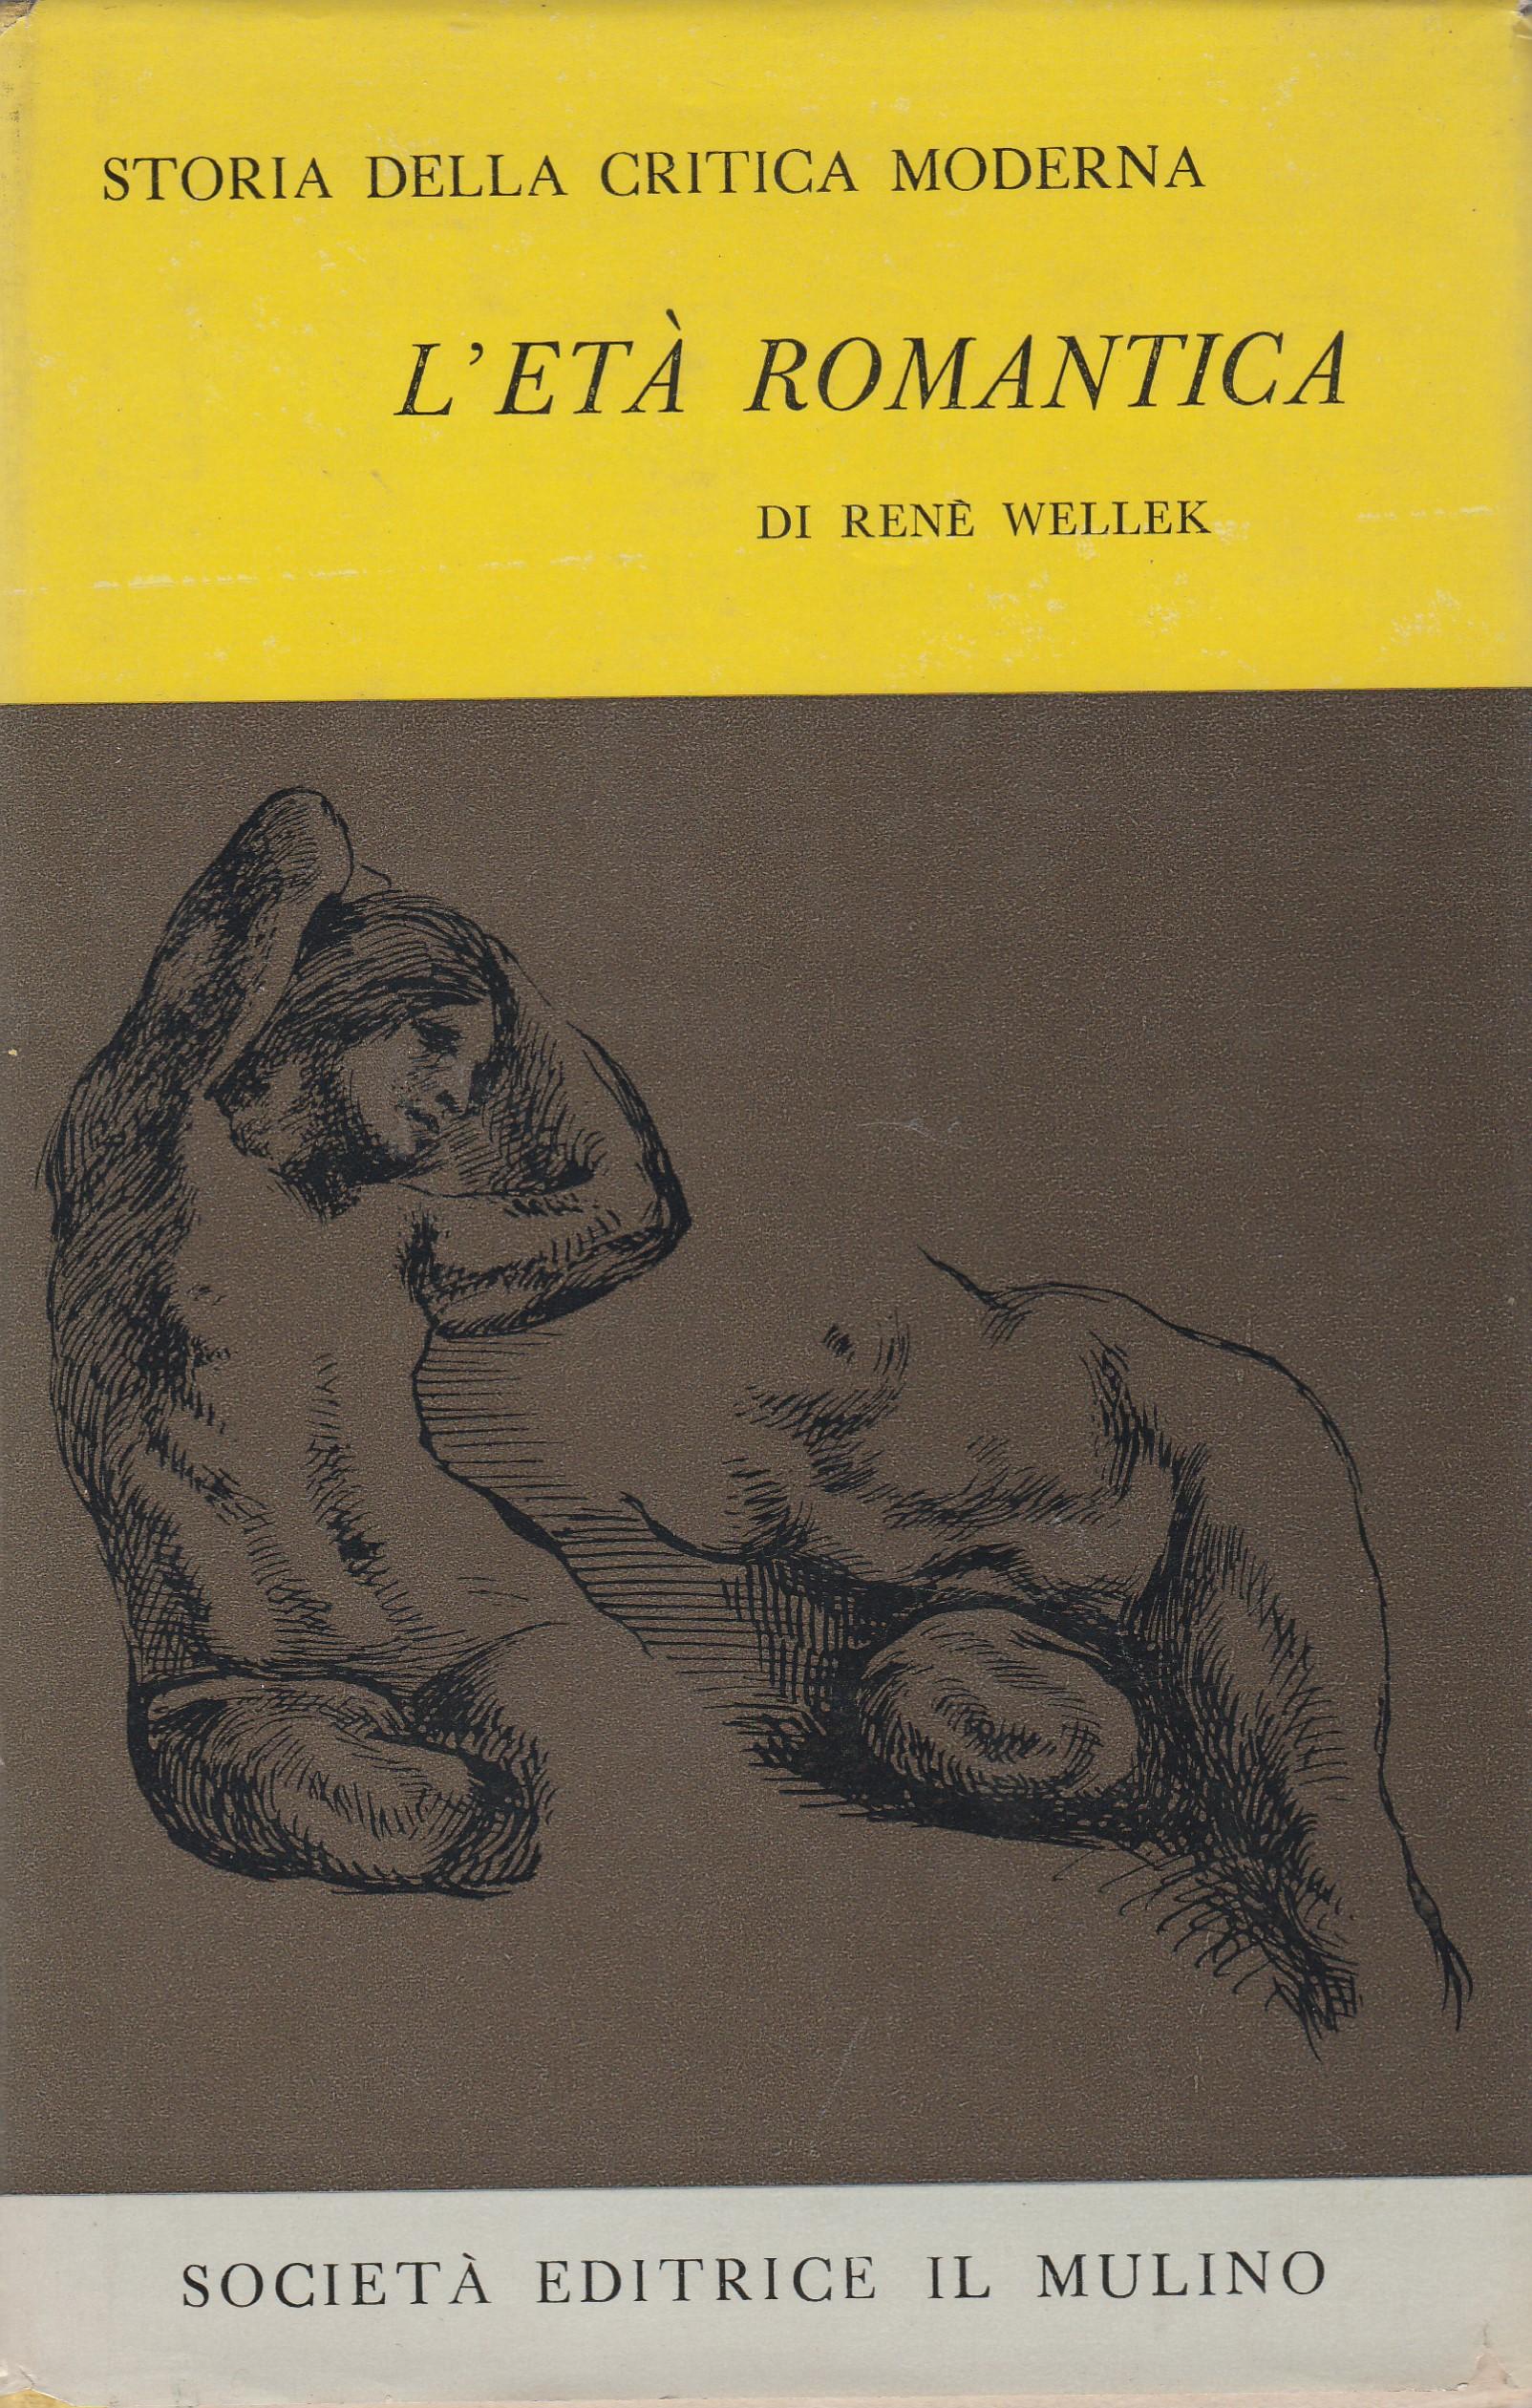 Storia della critica moderna vol. 2